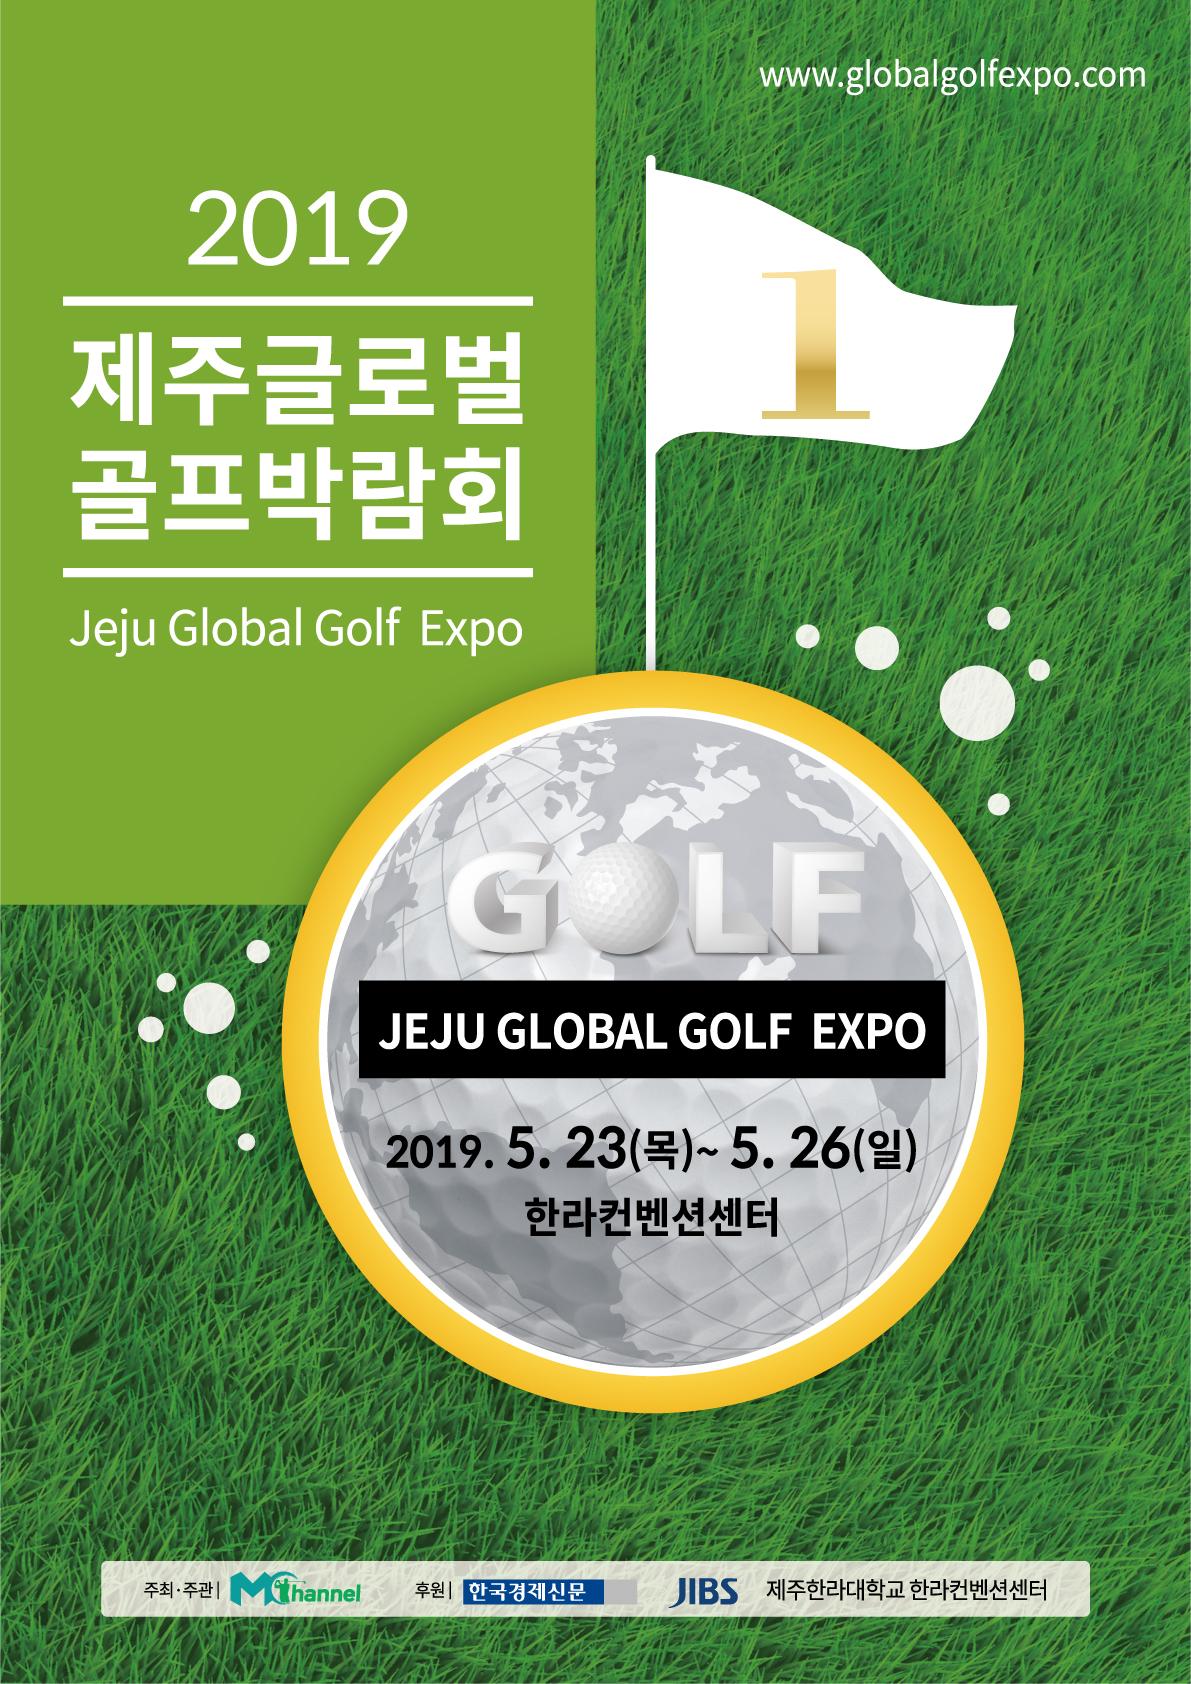 2019 제주글로벌골프박람회